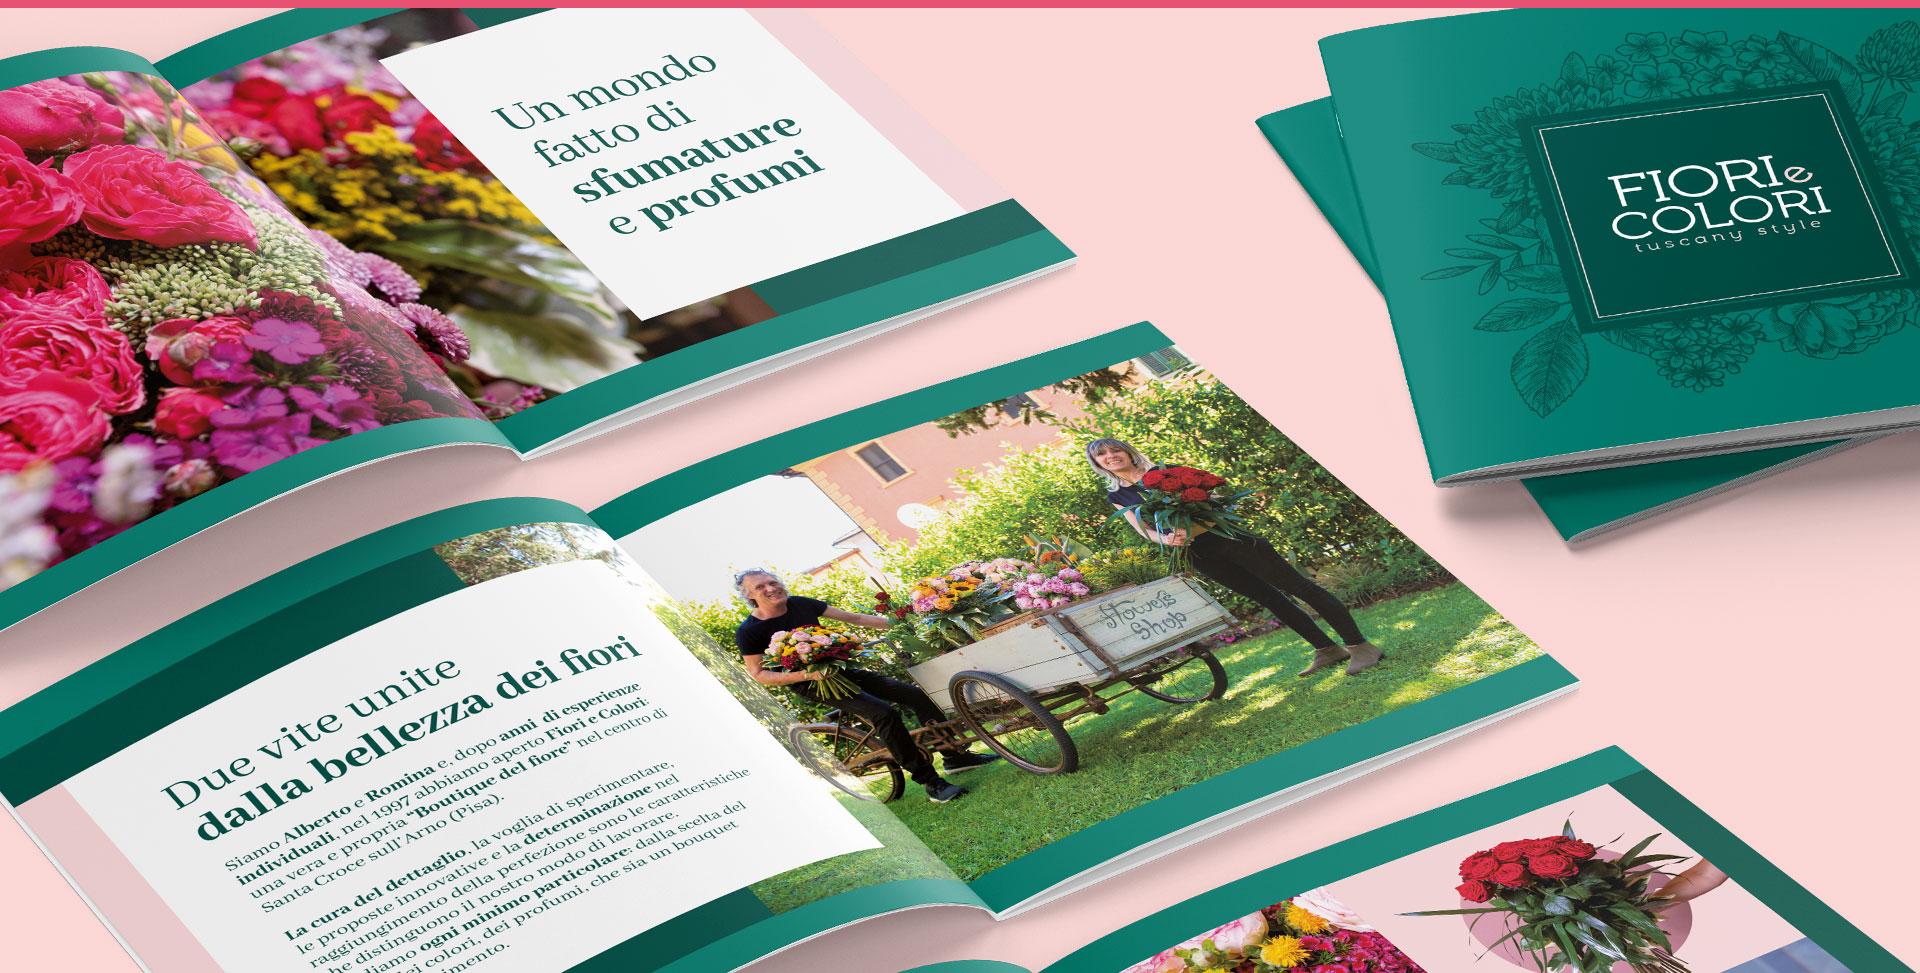 fiori-e-colori-brochure1